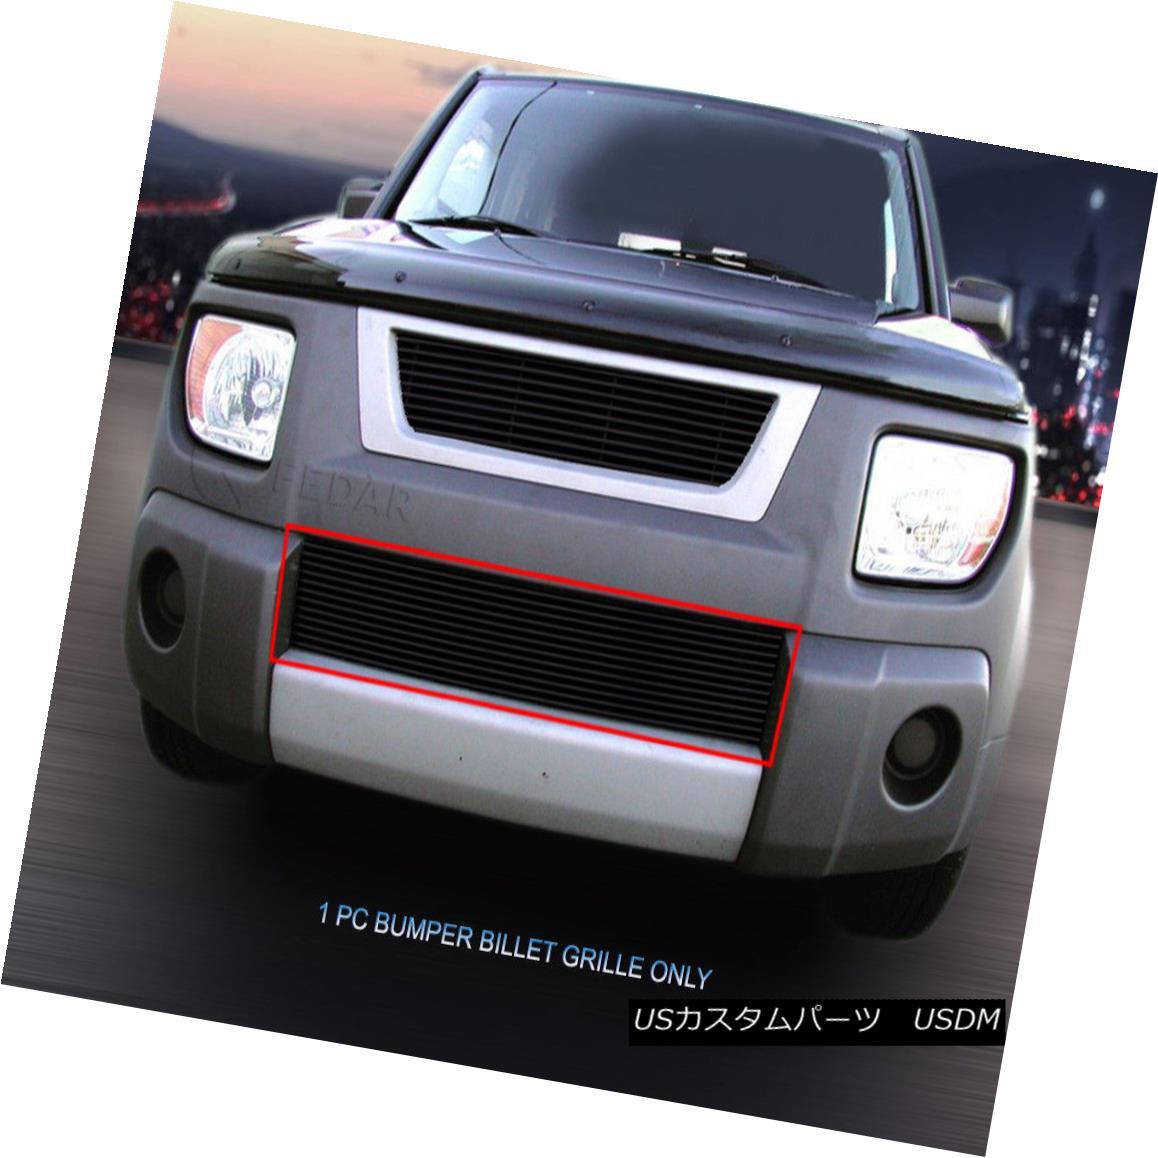 グリル For 03-06 Honda Element Black Replacement Billet Grille Bumper Insert Fedar 03-06ホンダエレメントブラック交換用ビレットグリルバンパーインサートFedar